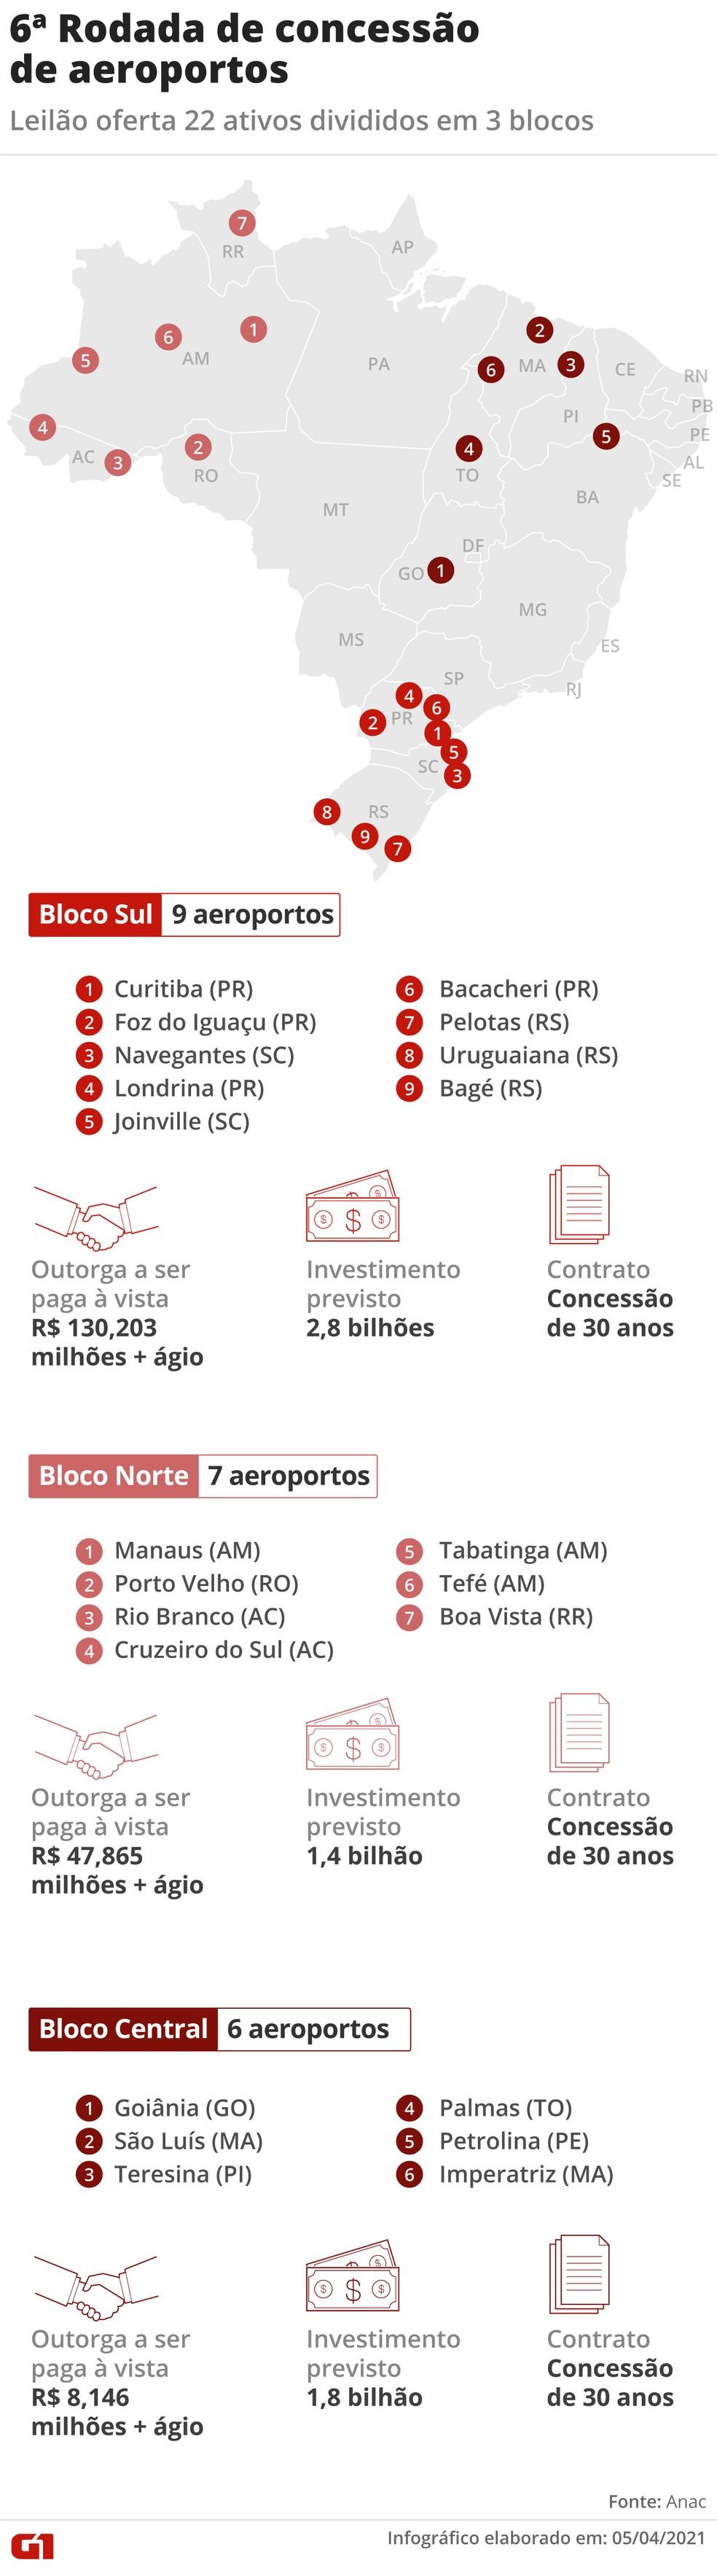 6ª Rodada de concessão de aeroportos — Foto: Arte G1